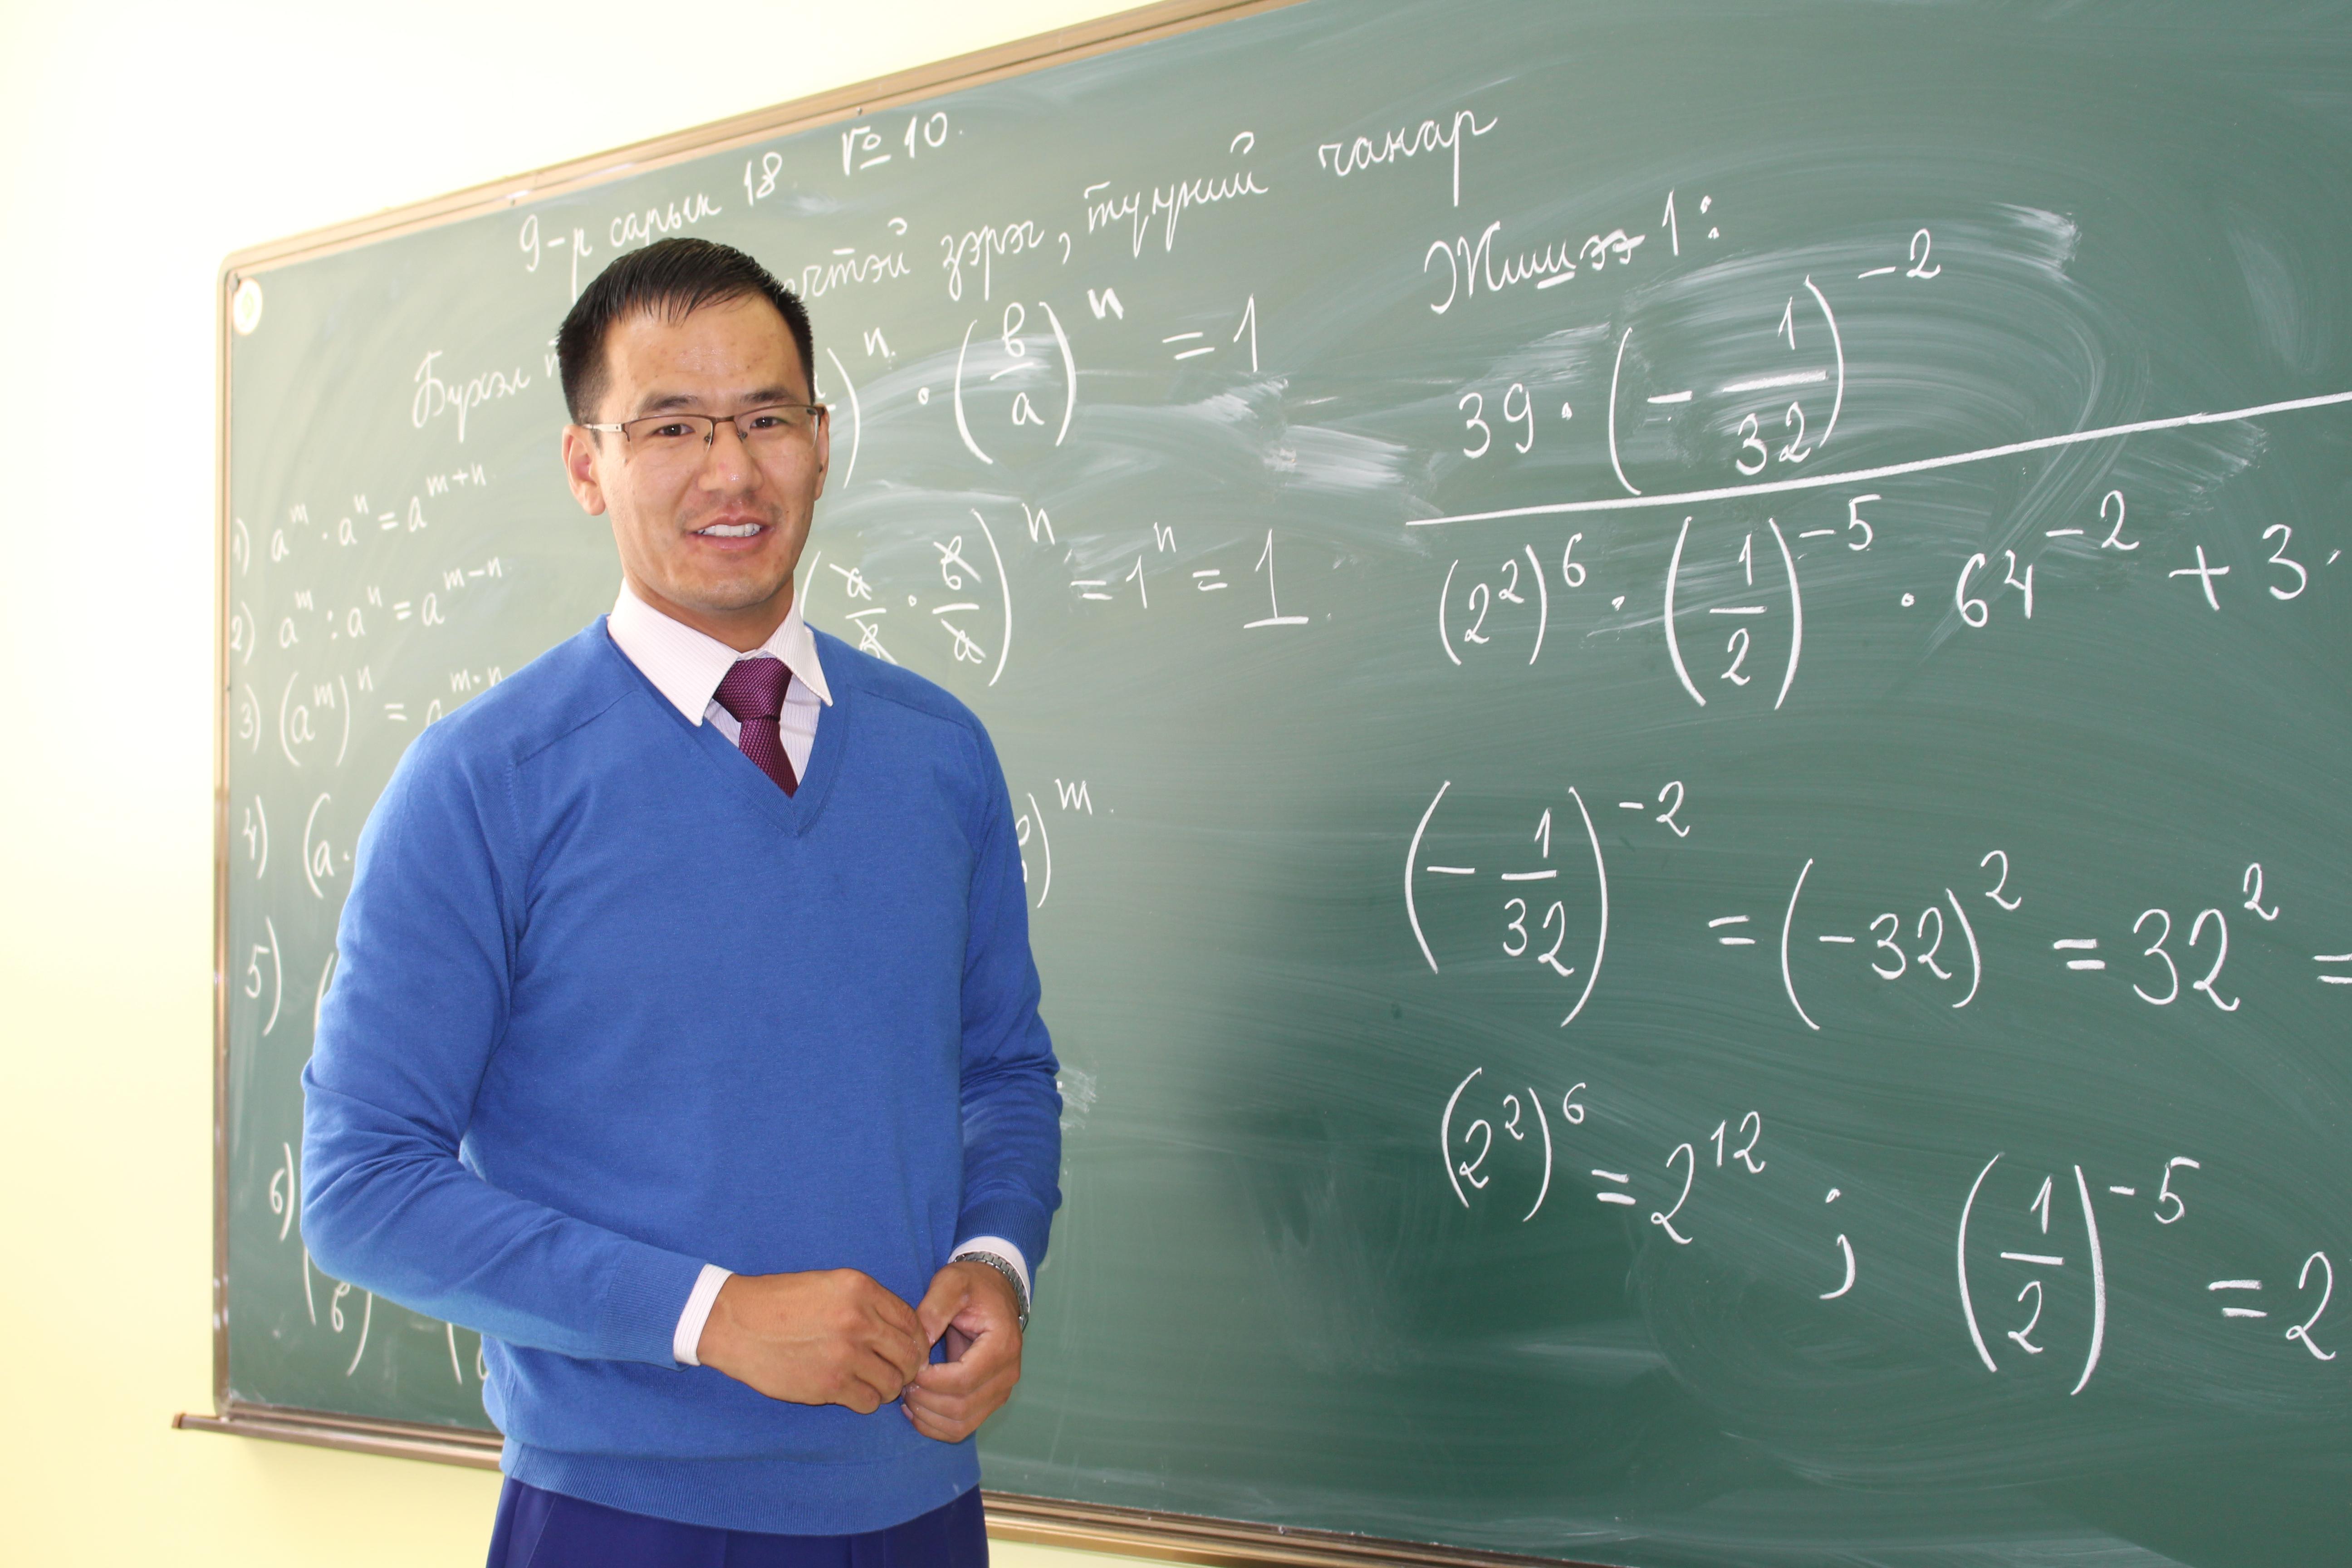 Л.Мягмар-Очир: Багш, сурагчийн харилцаа харилцан хүндлэл дээр тогтдог